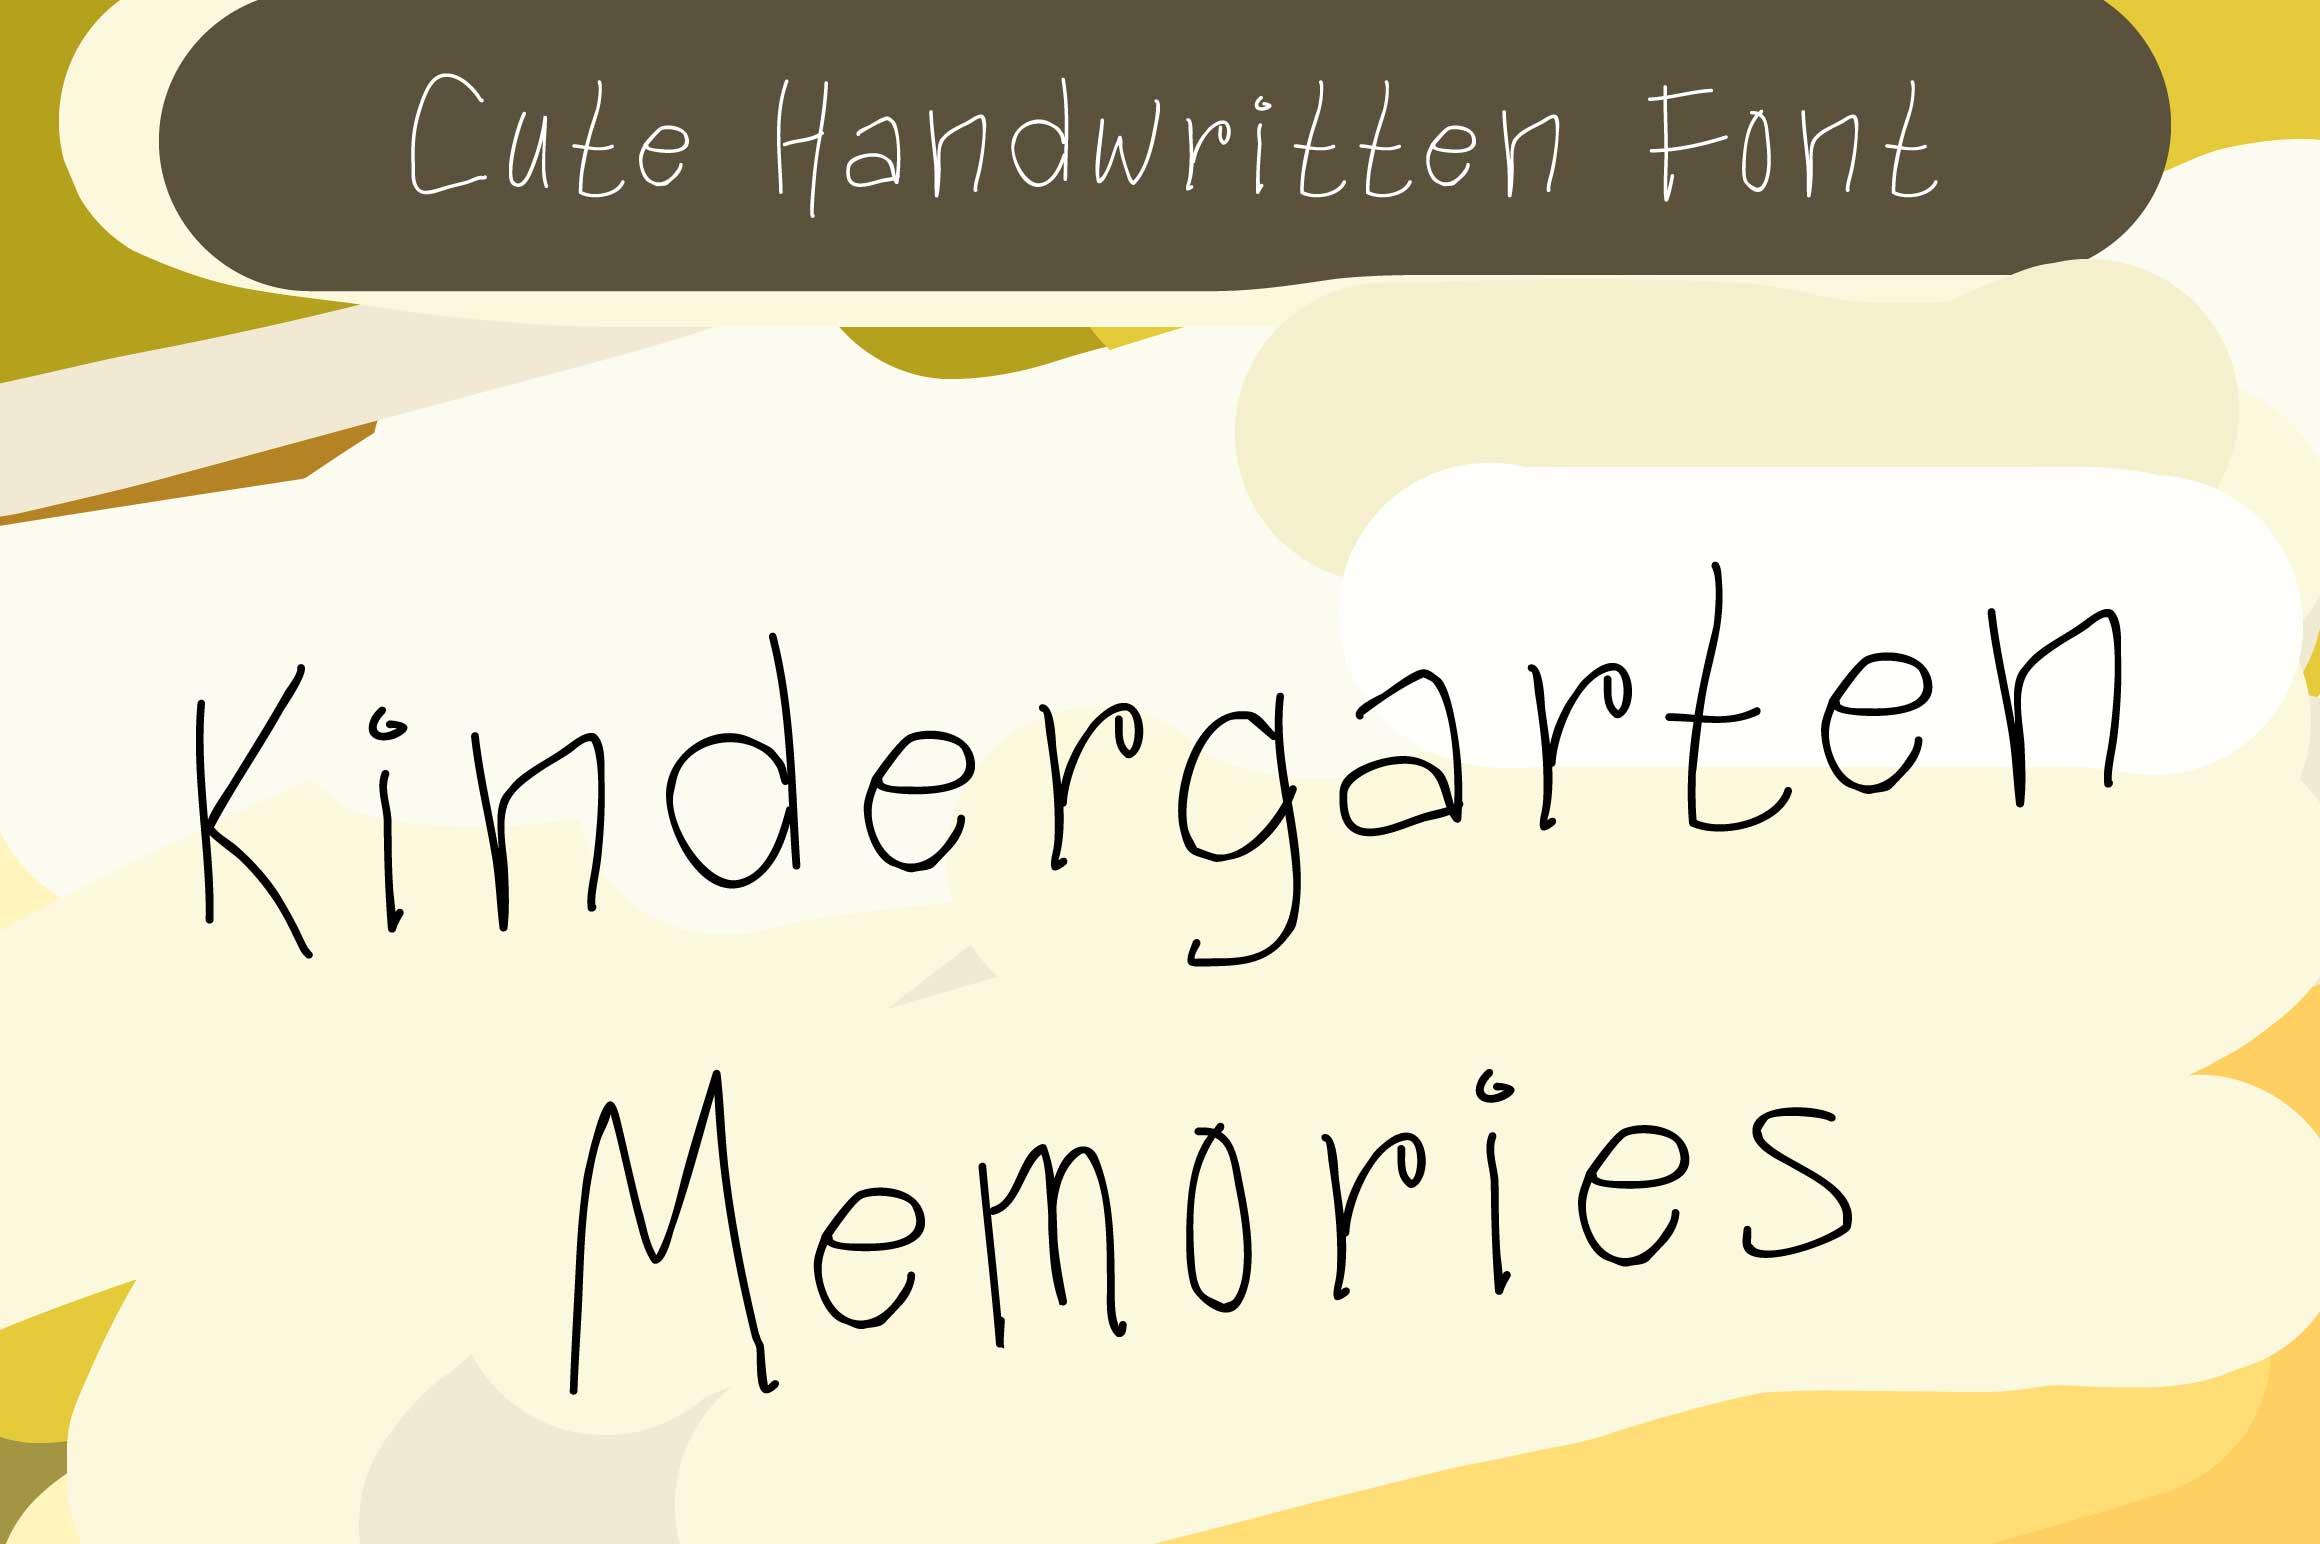 Kindergarten Memories example image 1